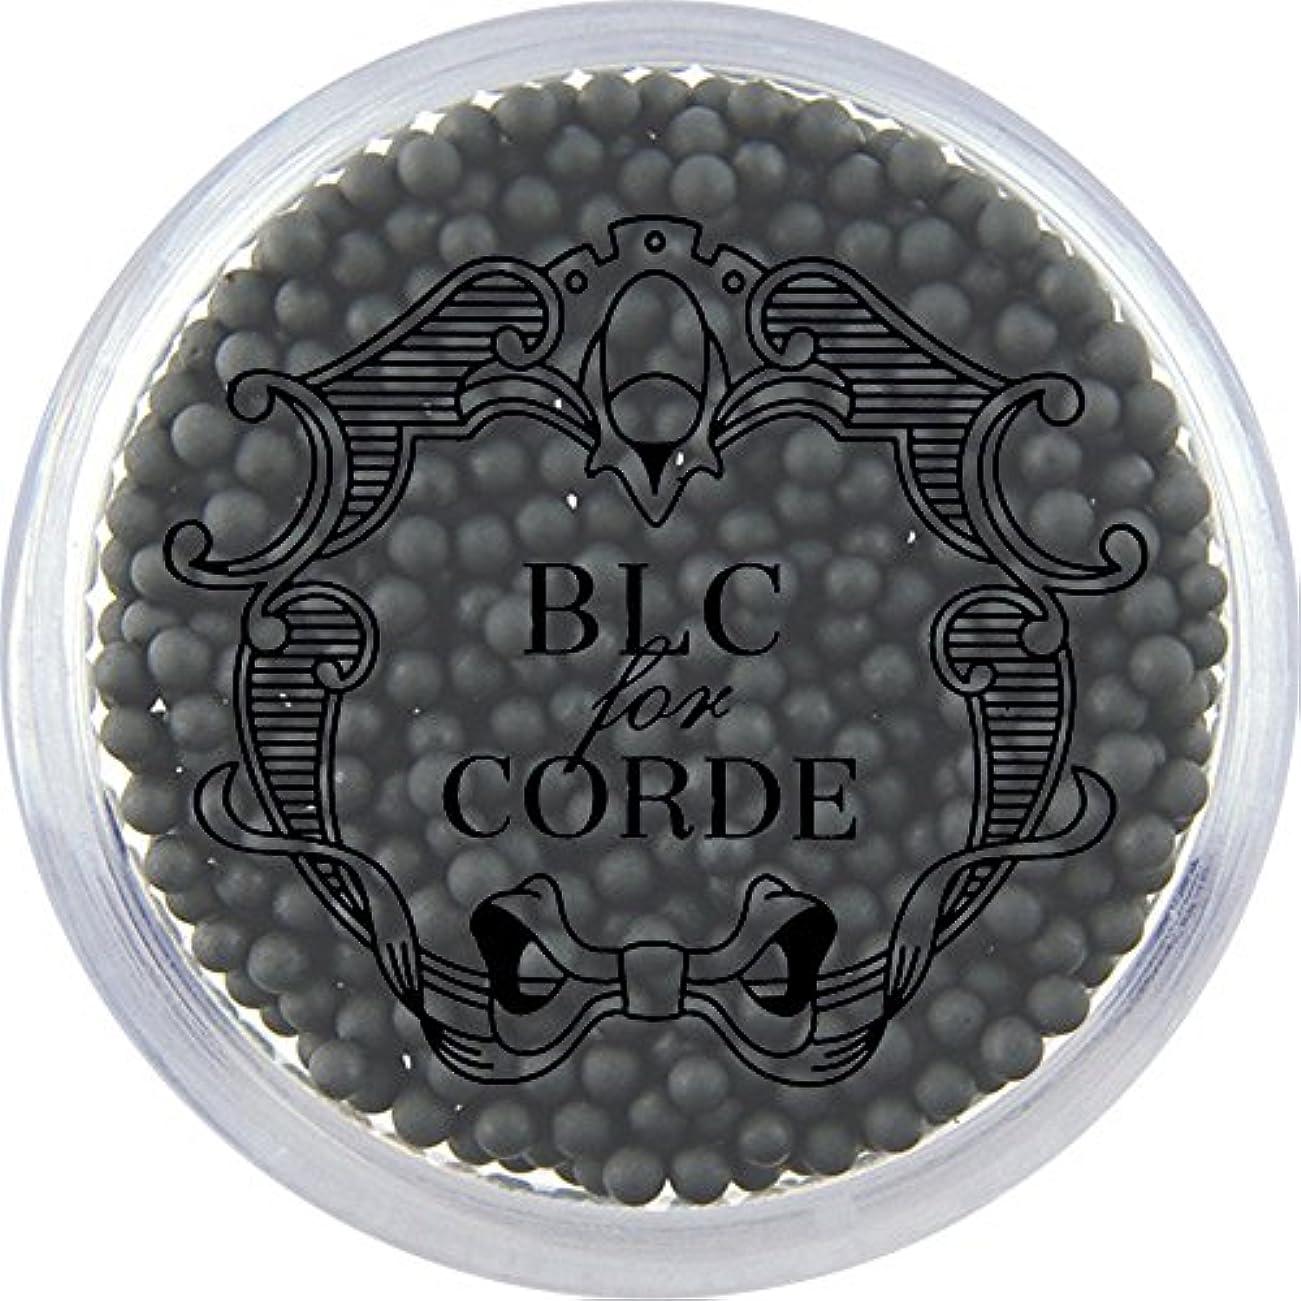 BLC FOR CORDE ガラスブリオン ブラック